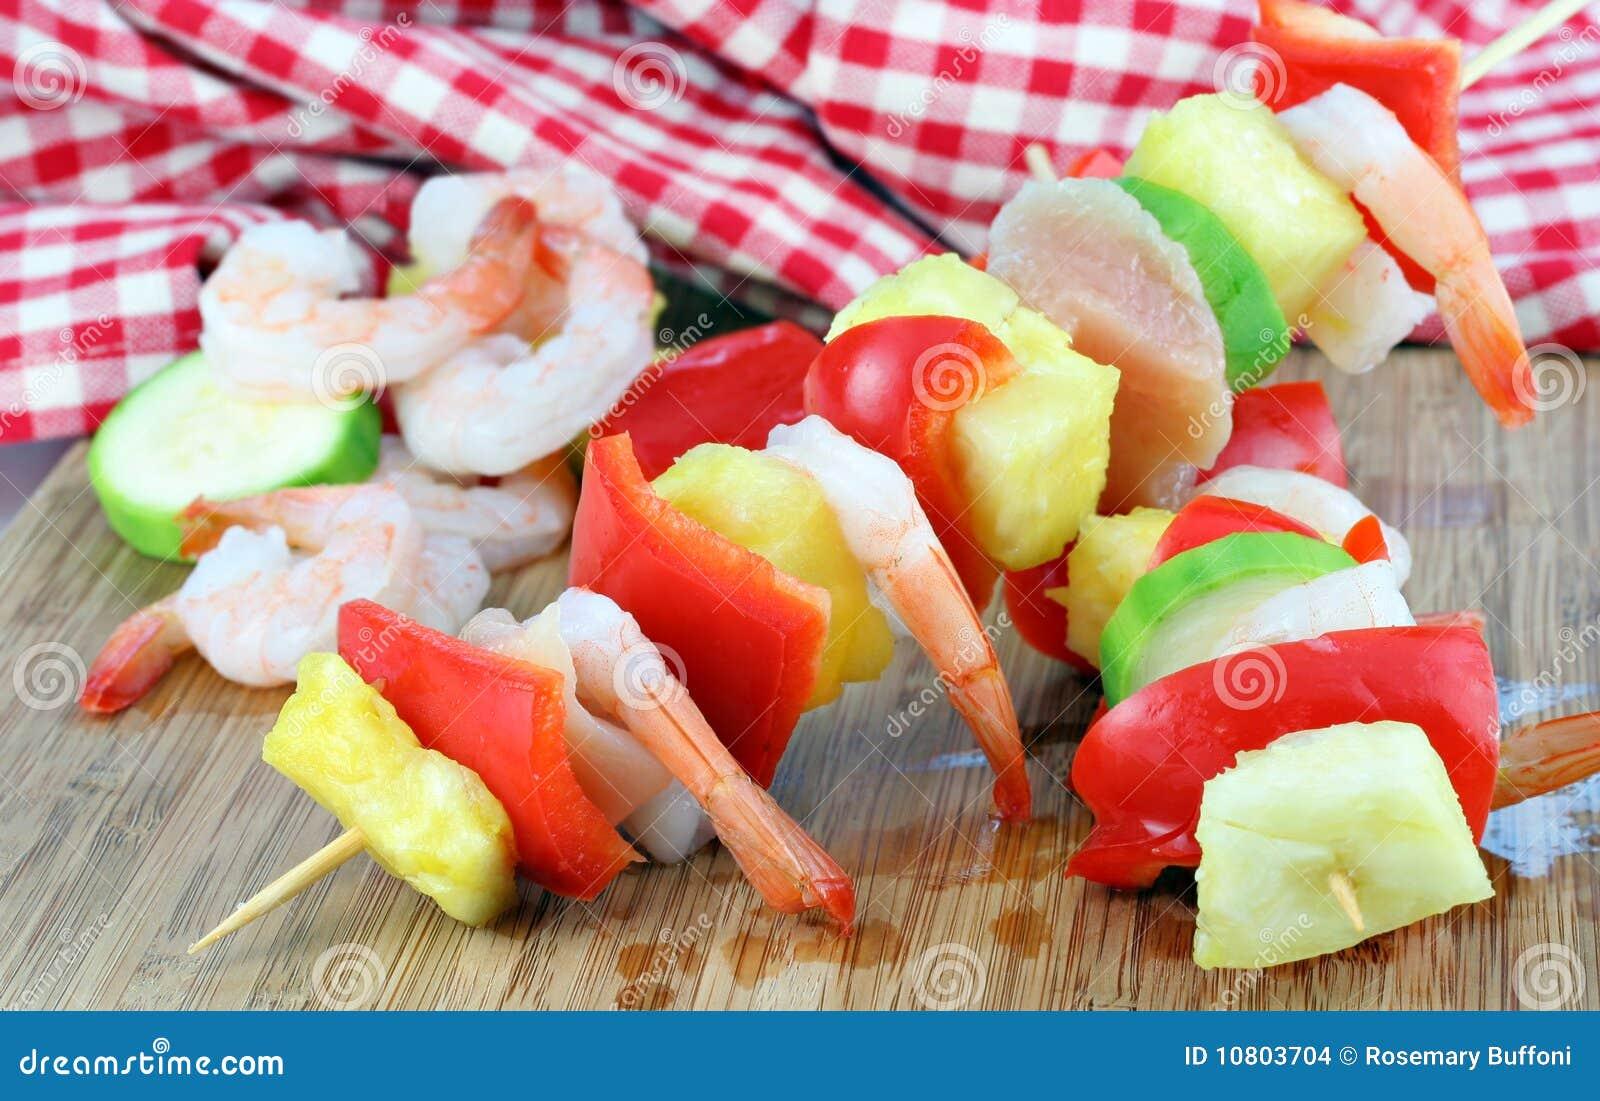 γαρίδες ανανά κοτόπουλο